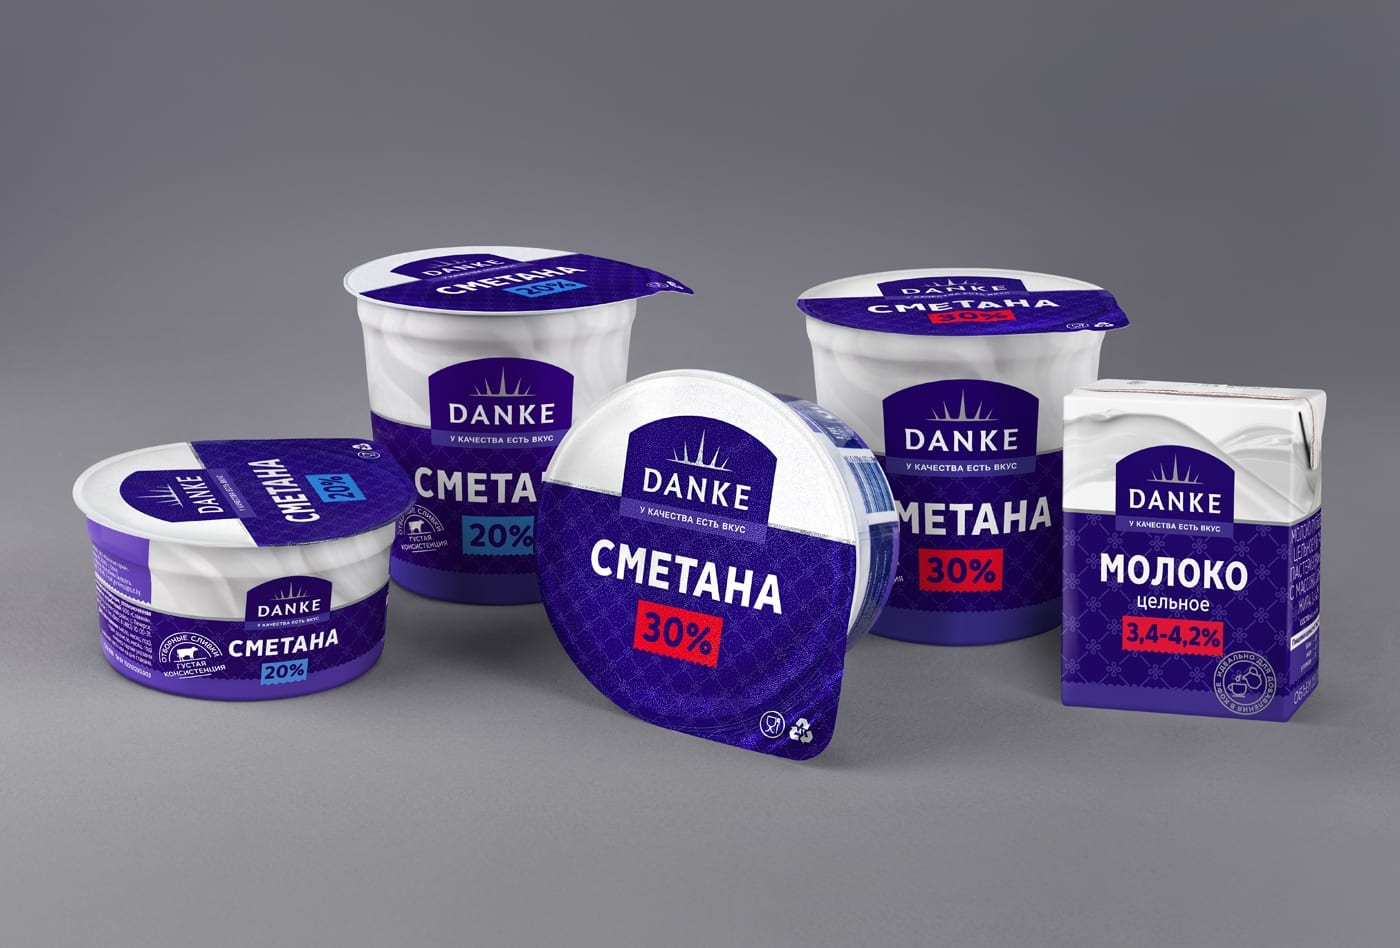 DANKE 2 - Ach, tie obaly – Danke Dairy mléčné výrobky